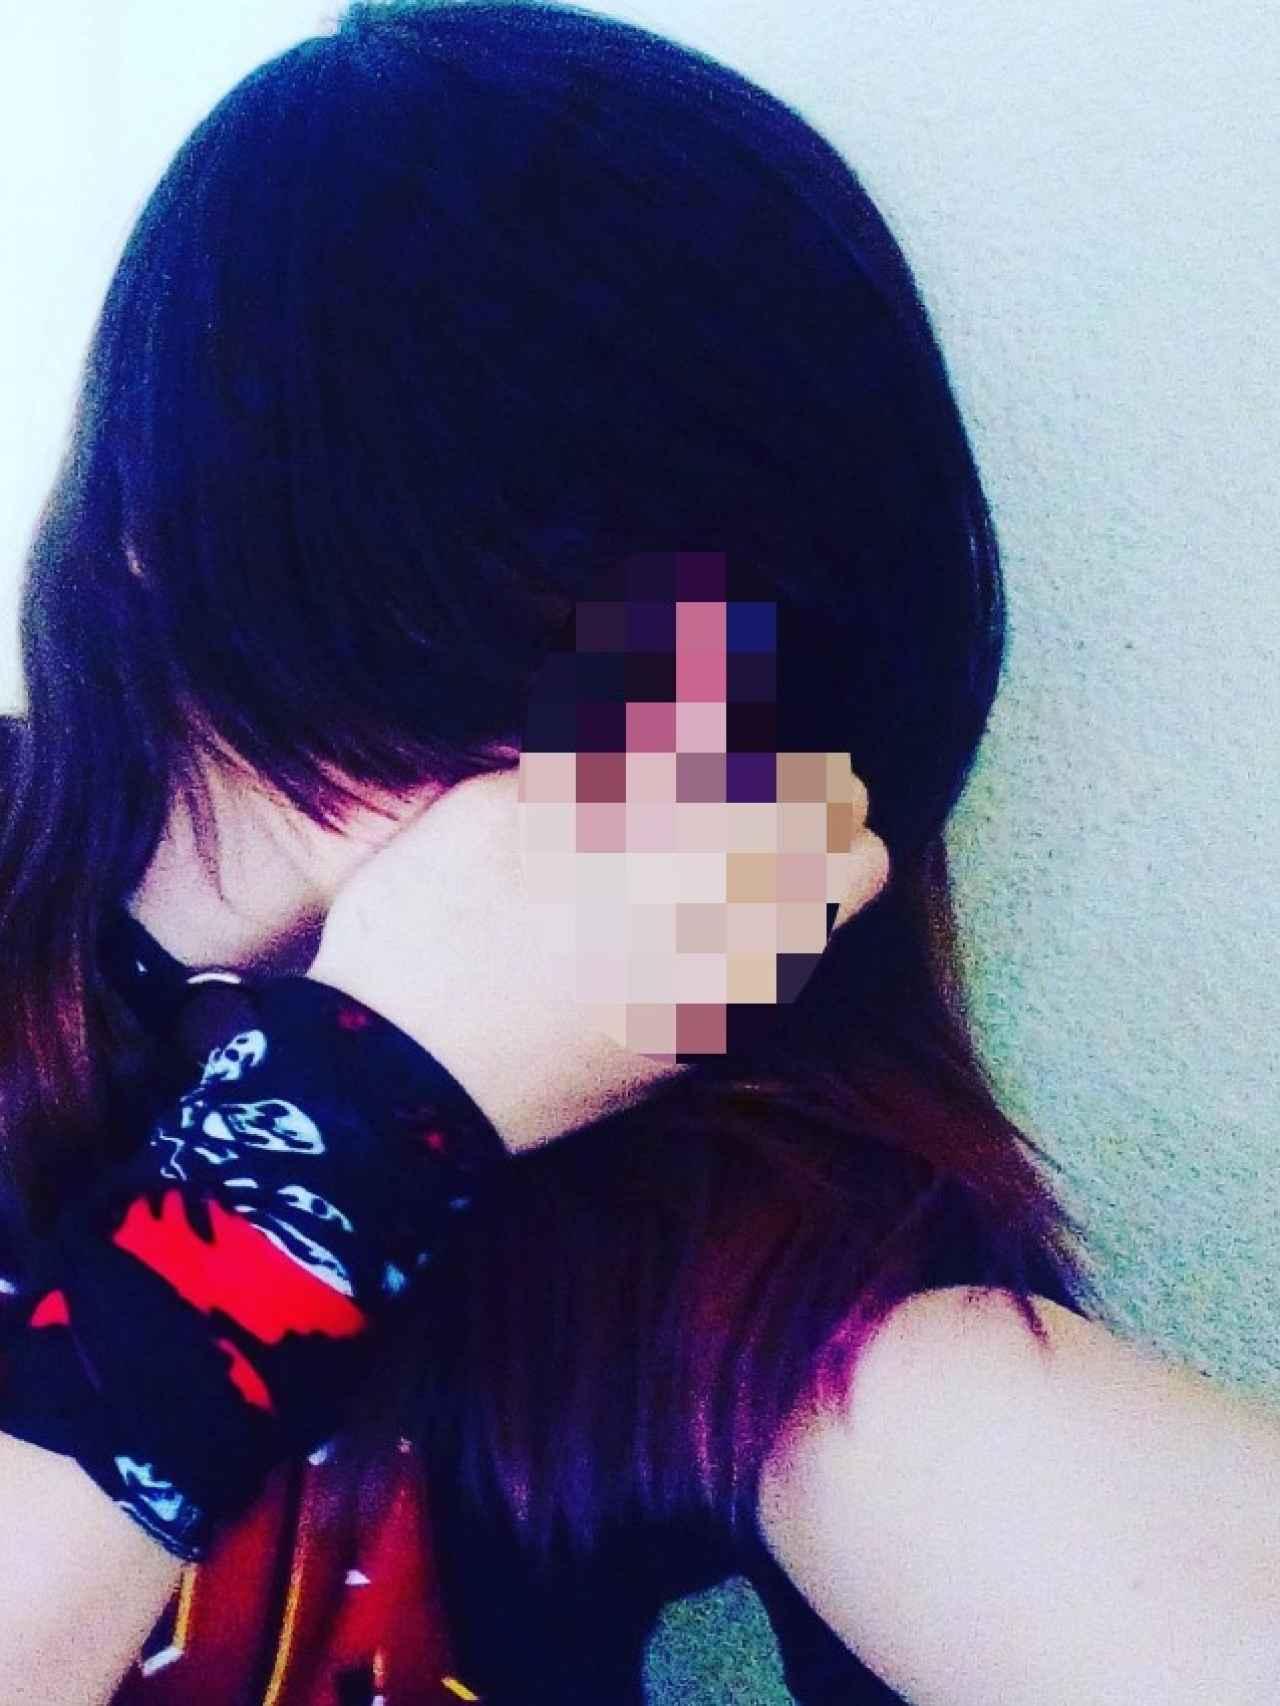 La niña de 13 años que ha agredido a su compañero.